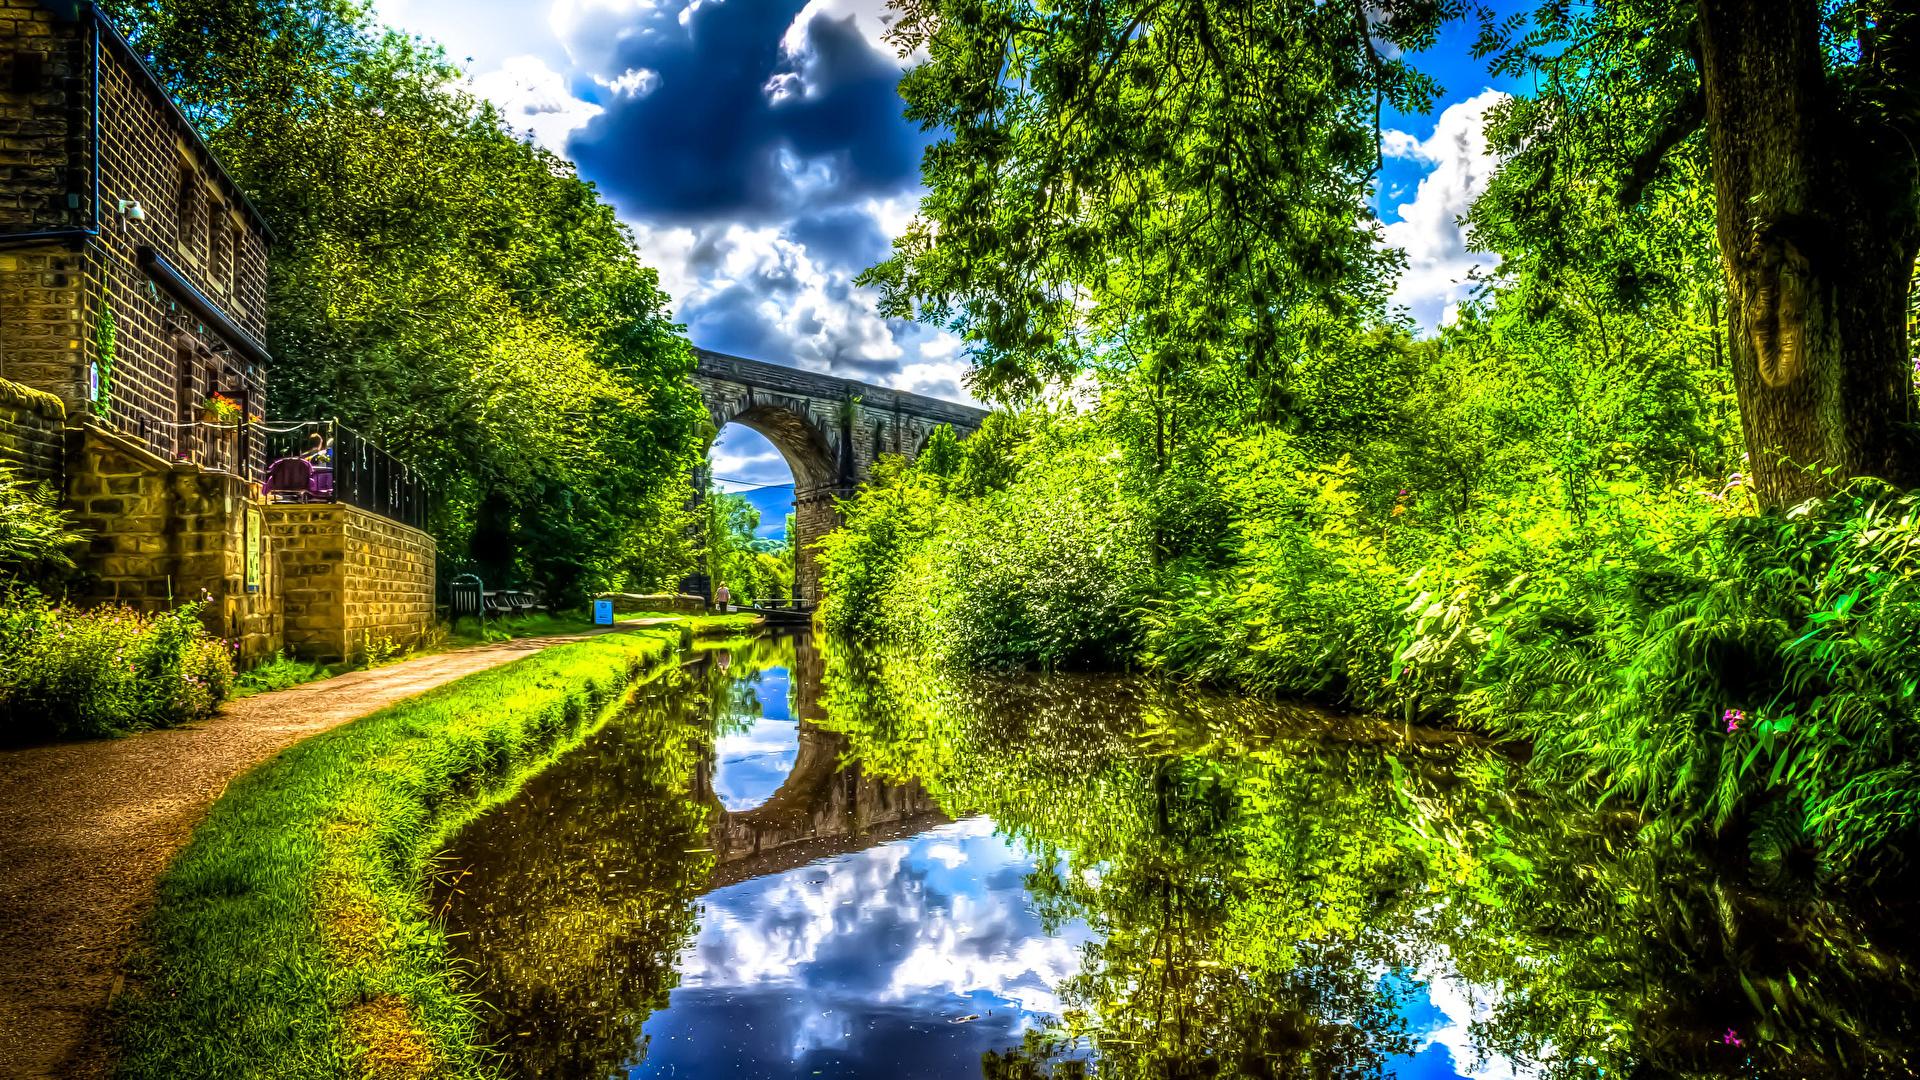 壁紙 19x1080 英格兰 河流 Uppermill 高动态光照渲染 灌木 大自然 下载 照片